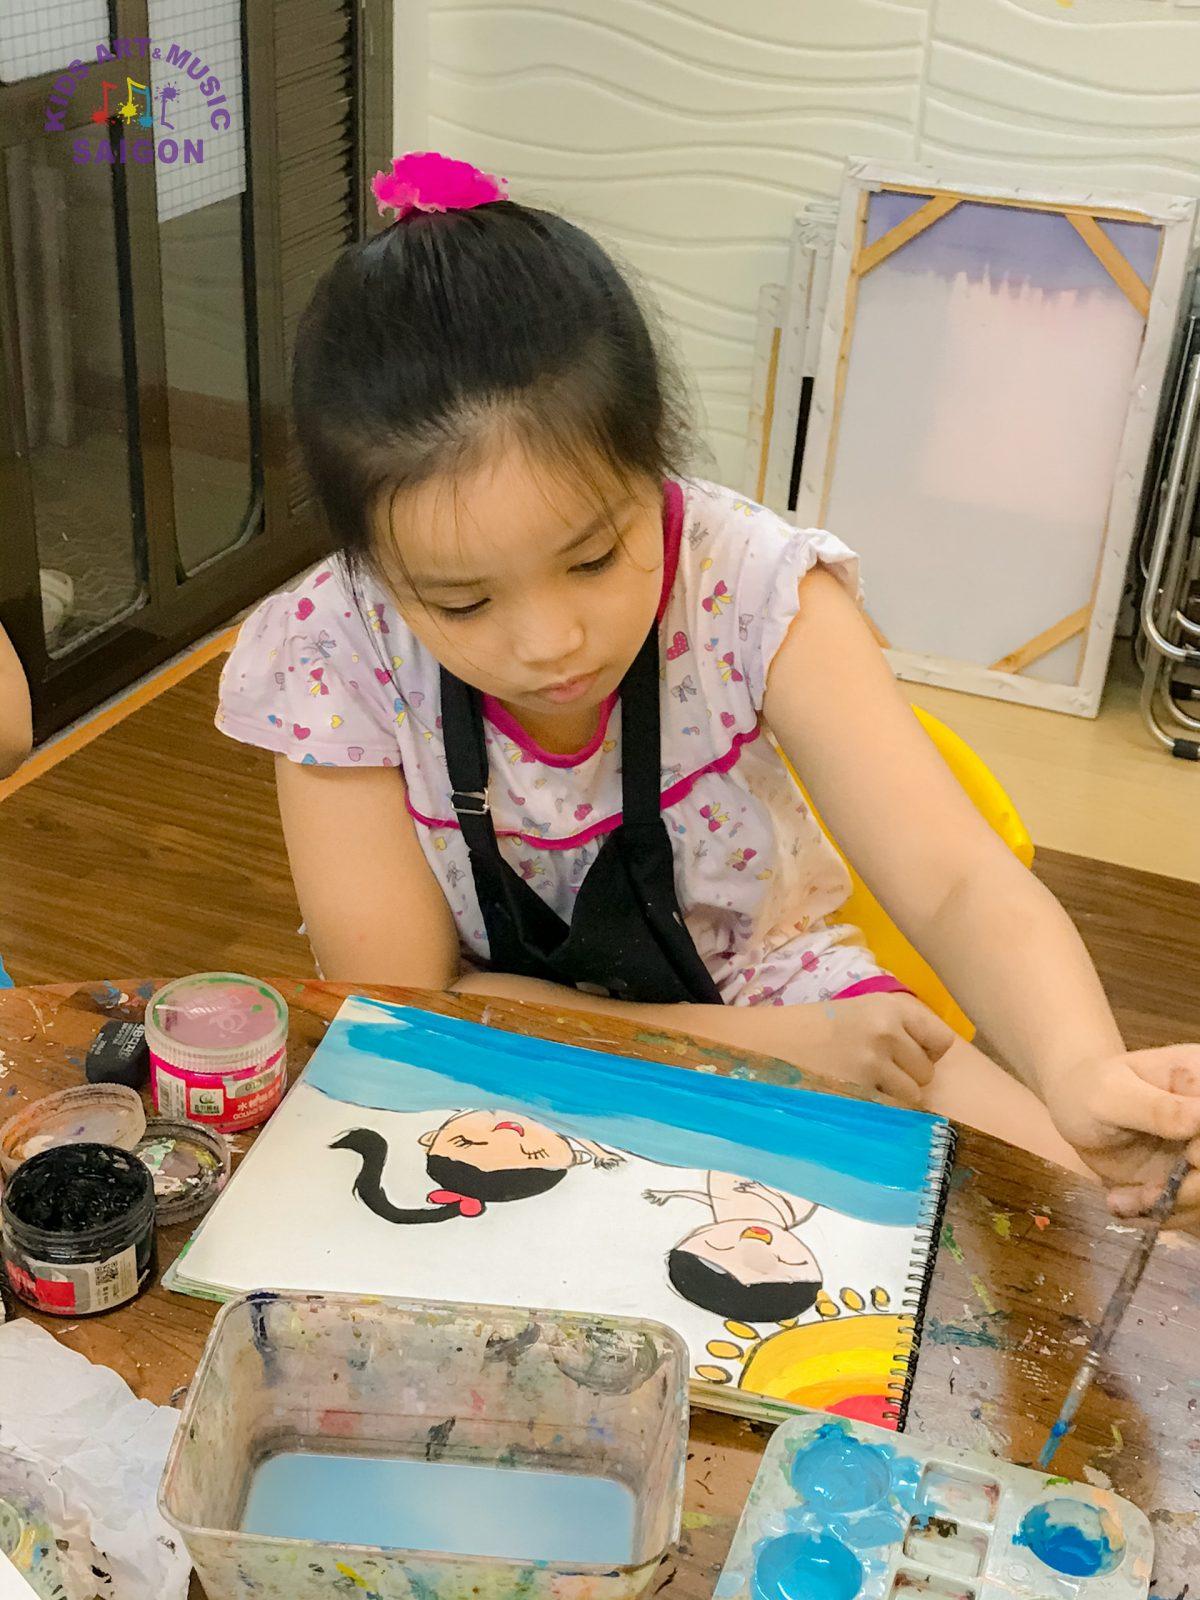 Giúp trẻ tự khám phá cuộc sống bằng cách cho con học vẽ